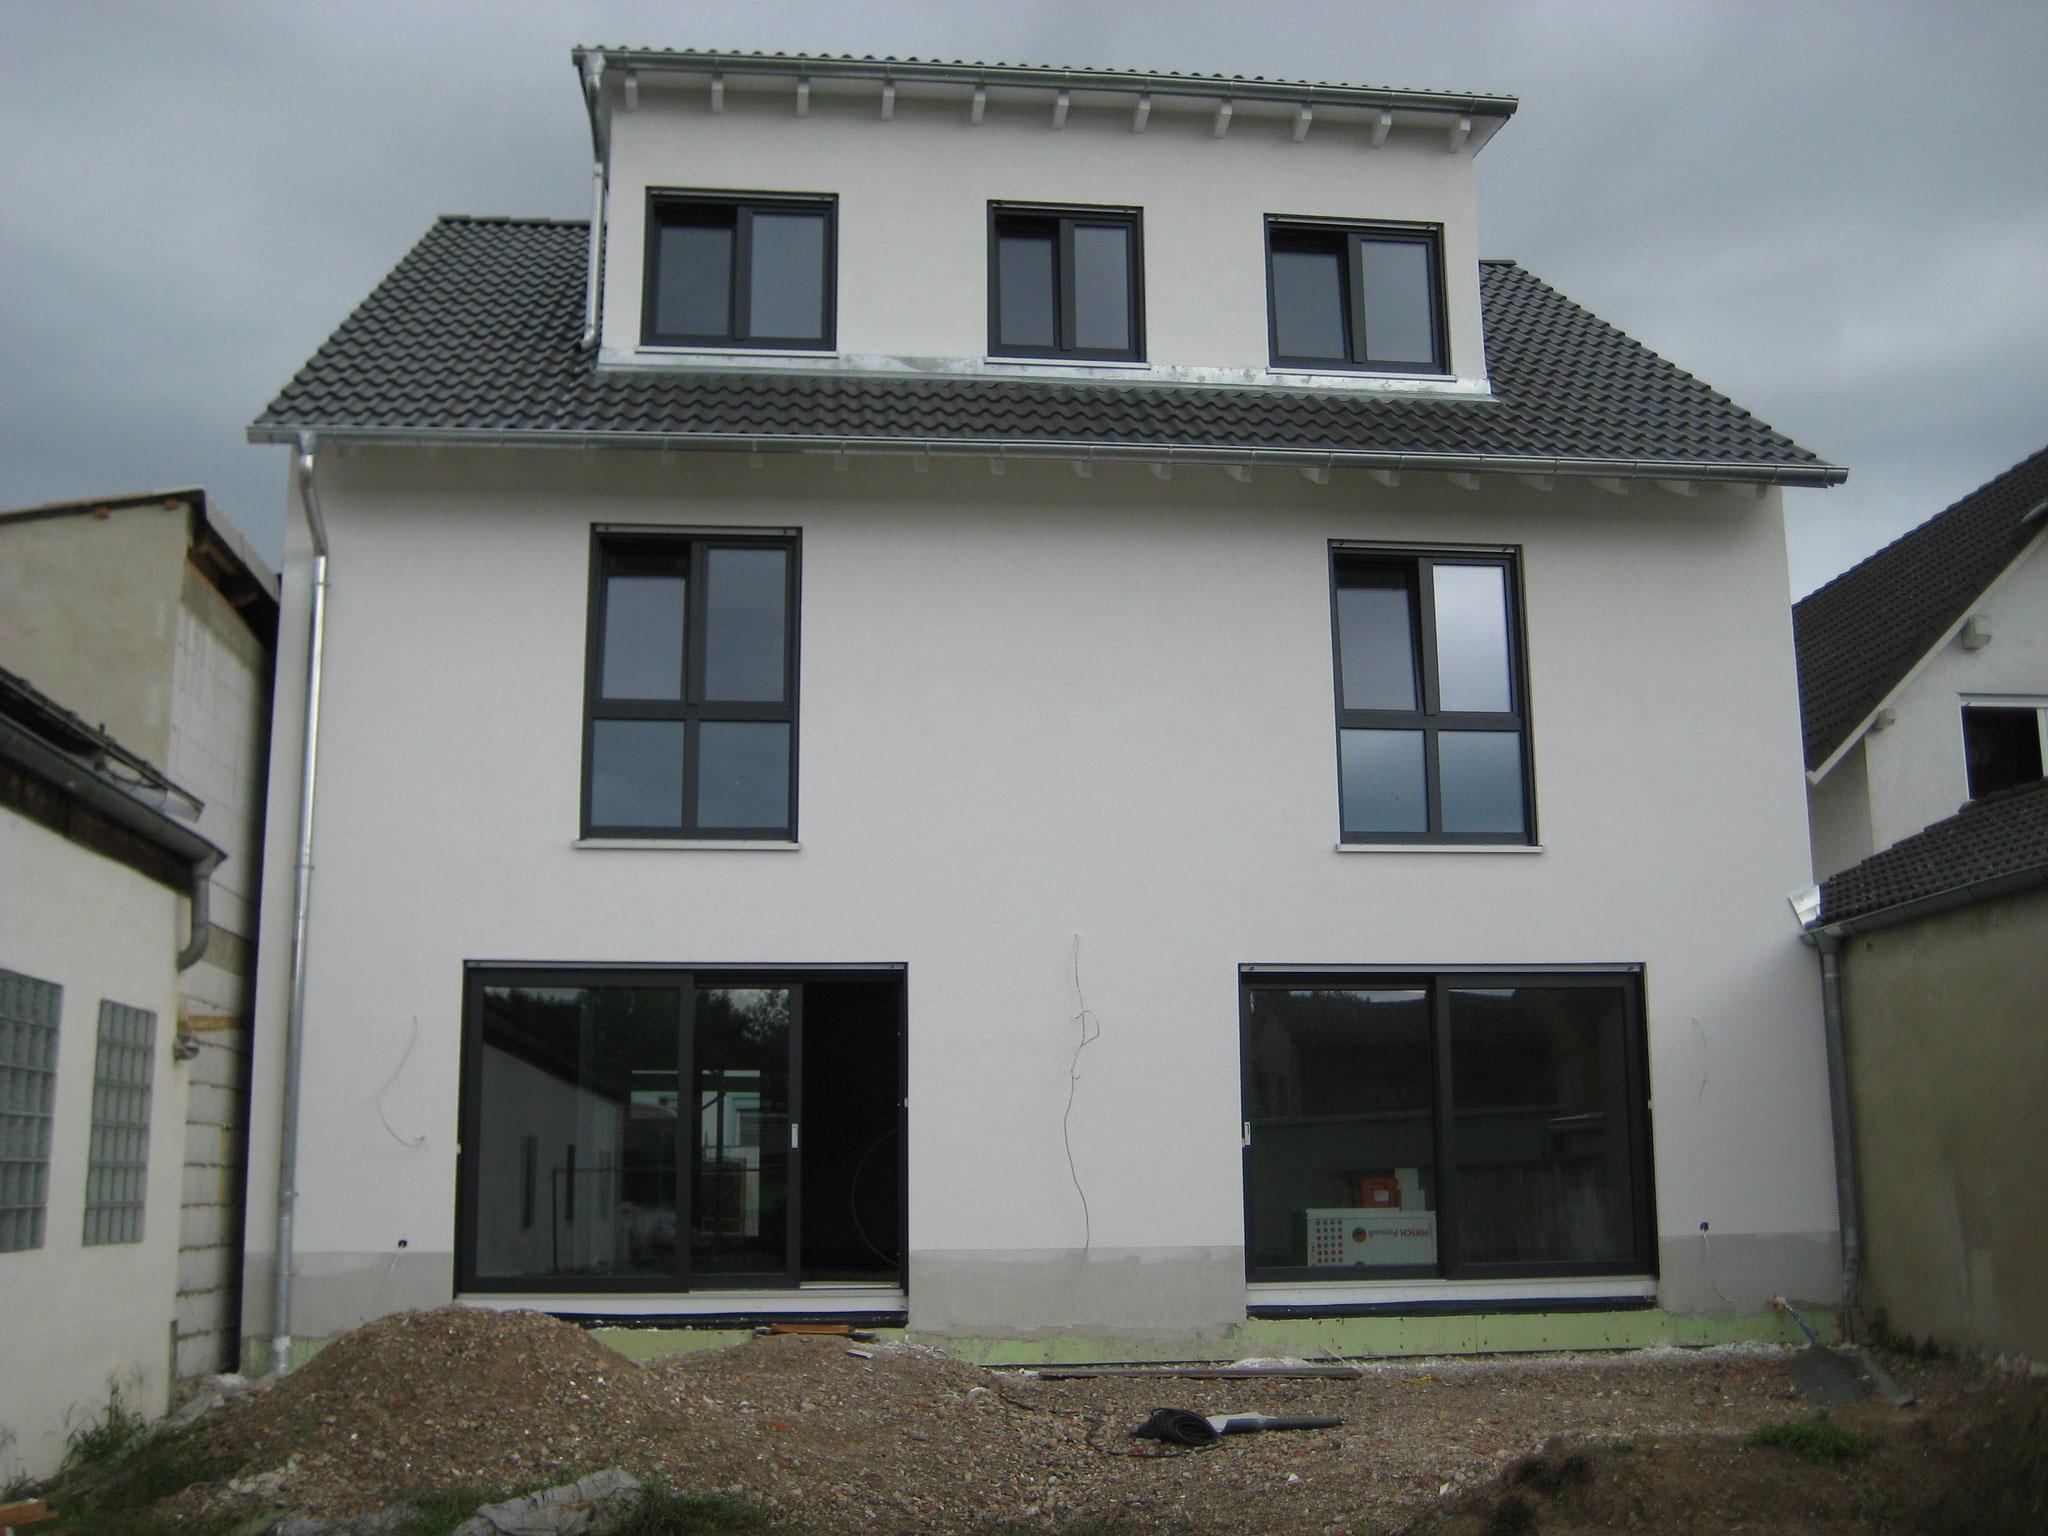 Einfamilienhaus in Hördt 2019